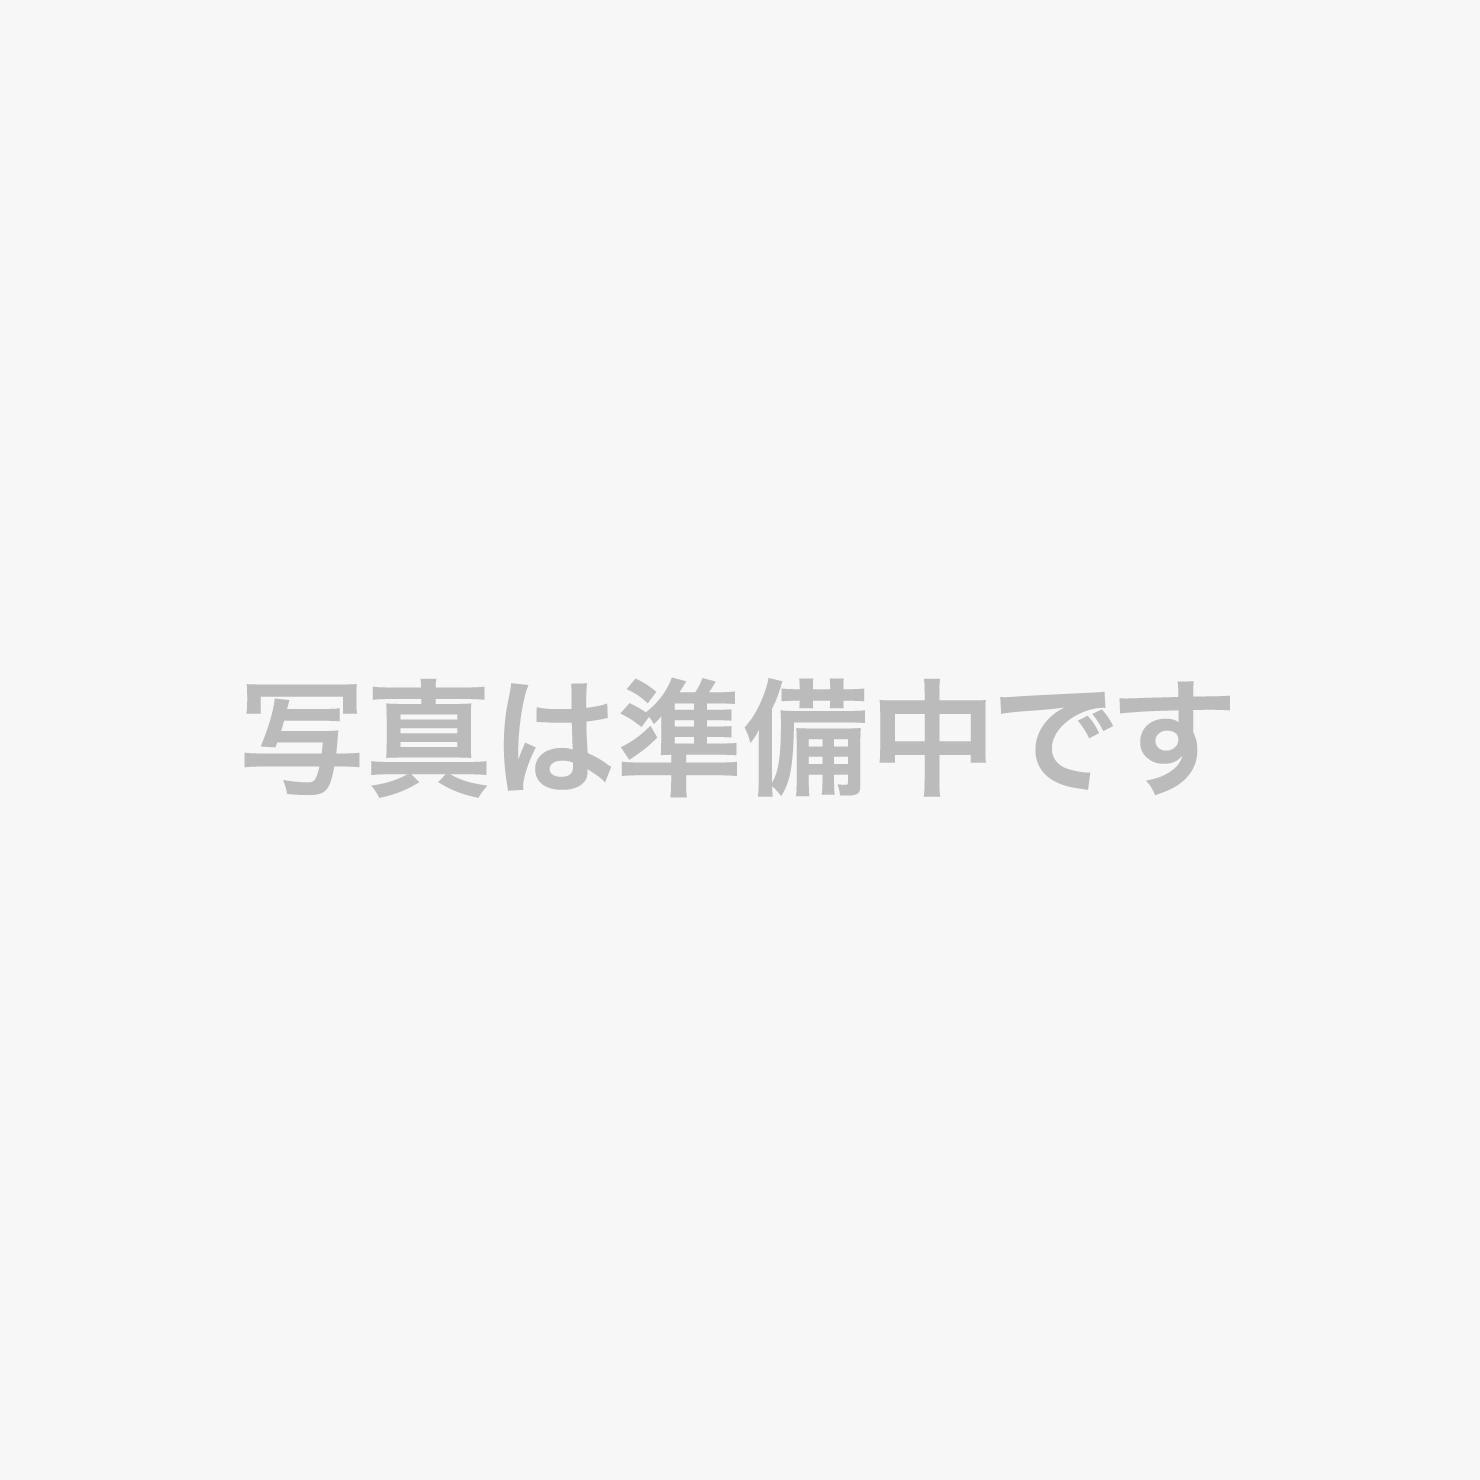 【シャンプー】【コンディショナー】【ボディソープ】